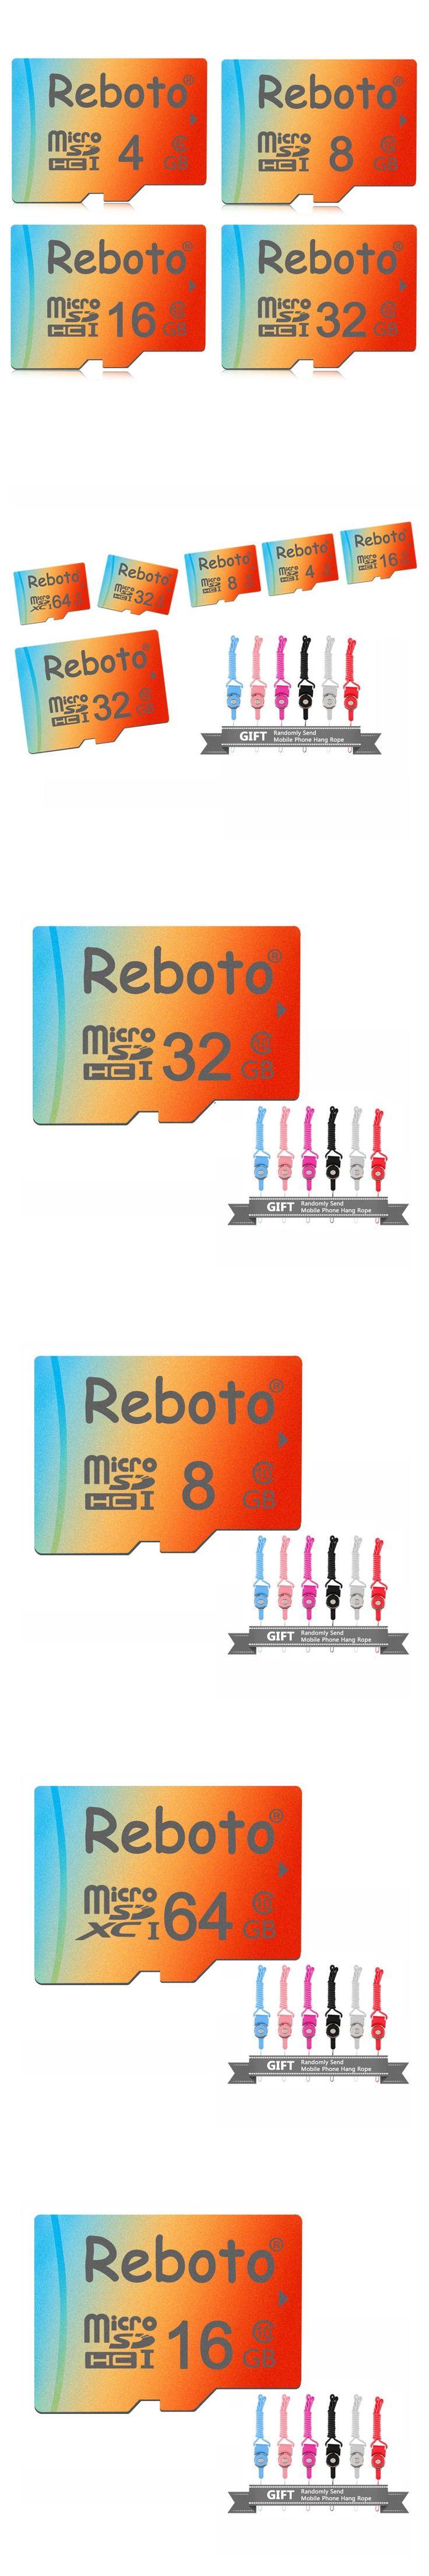 Reboto High-speed Micro SD Card Class10 64GB Memory Card 32GB Microsd 16GB 8GB Mini TF Card 4GB Gradient Ramp Free Shipping